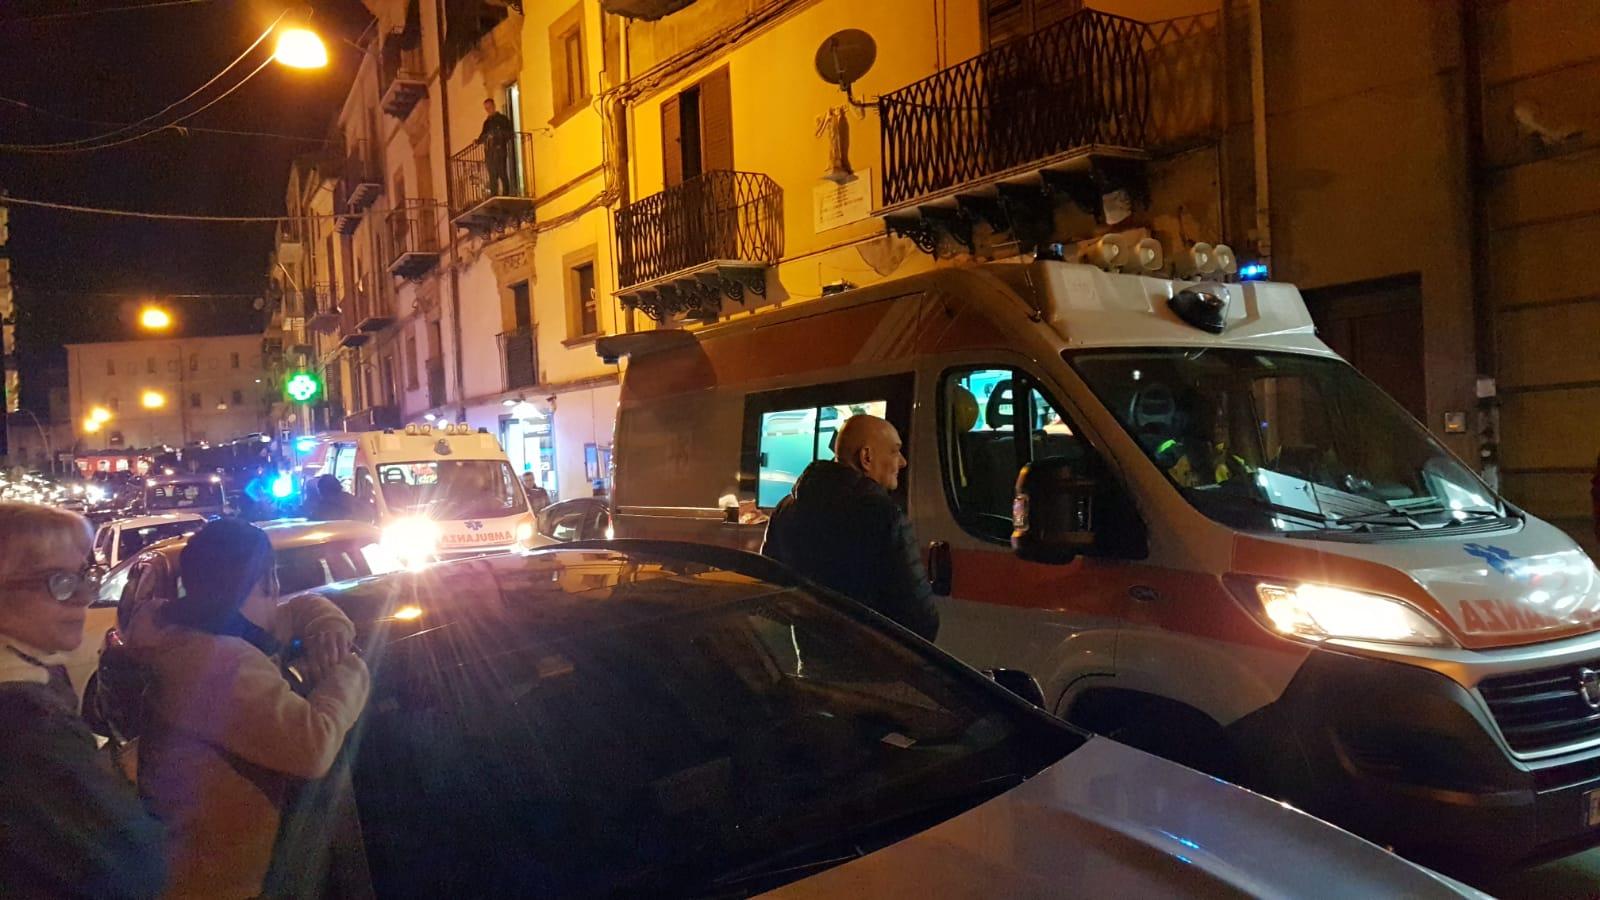 Caltanissetta, entra in un negozio accompagnata da due giovani e si scaglia contro la commessa: in cinque finiscono in ospedale - Radio CL1